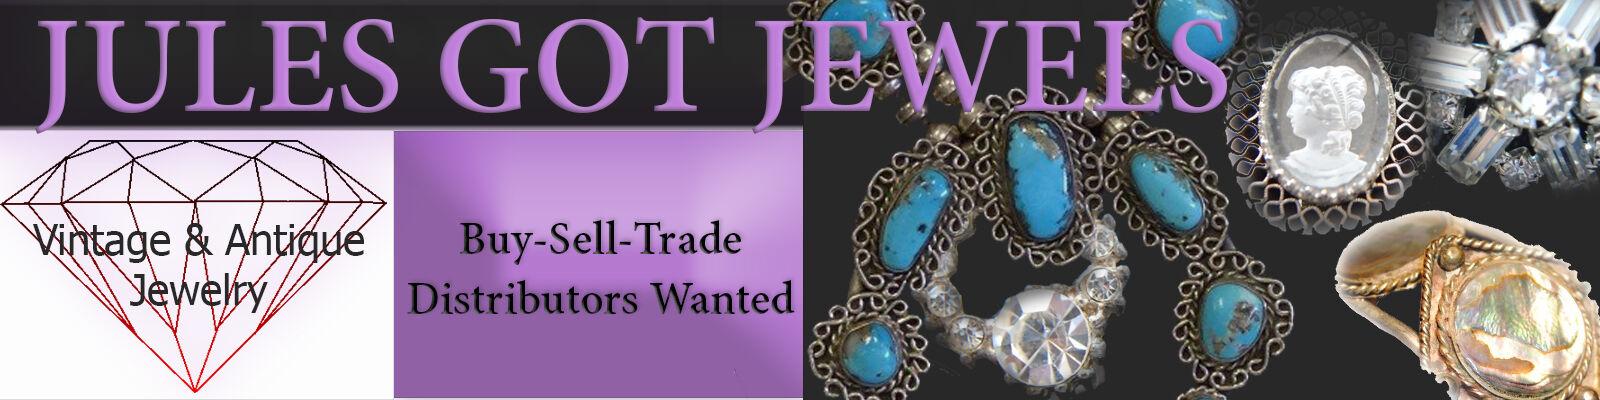 Jules Got Jewels